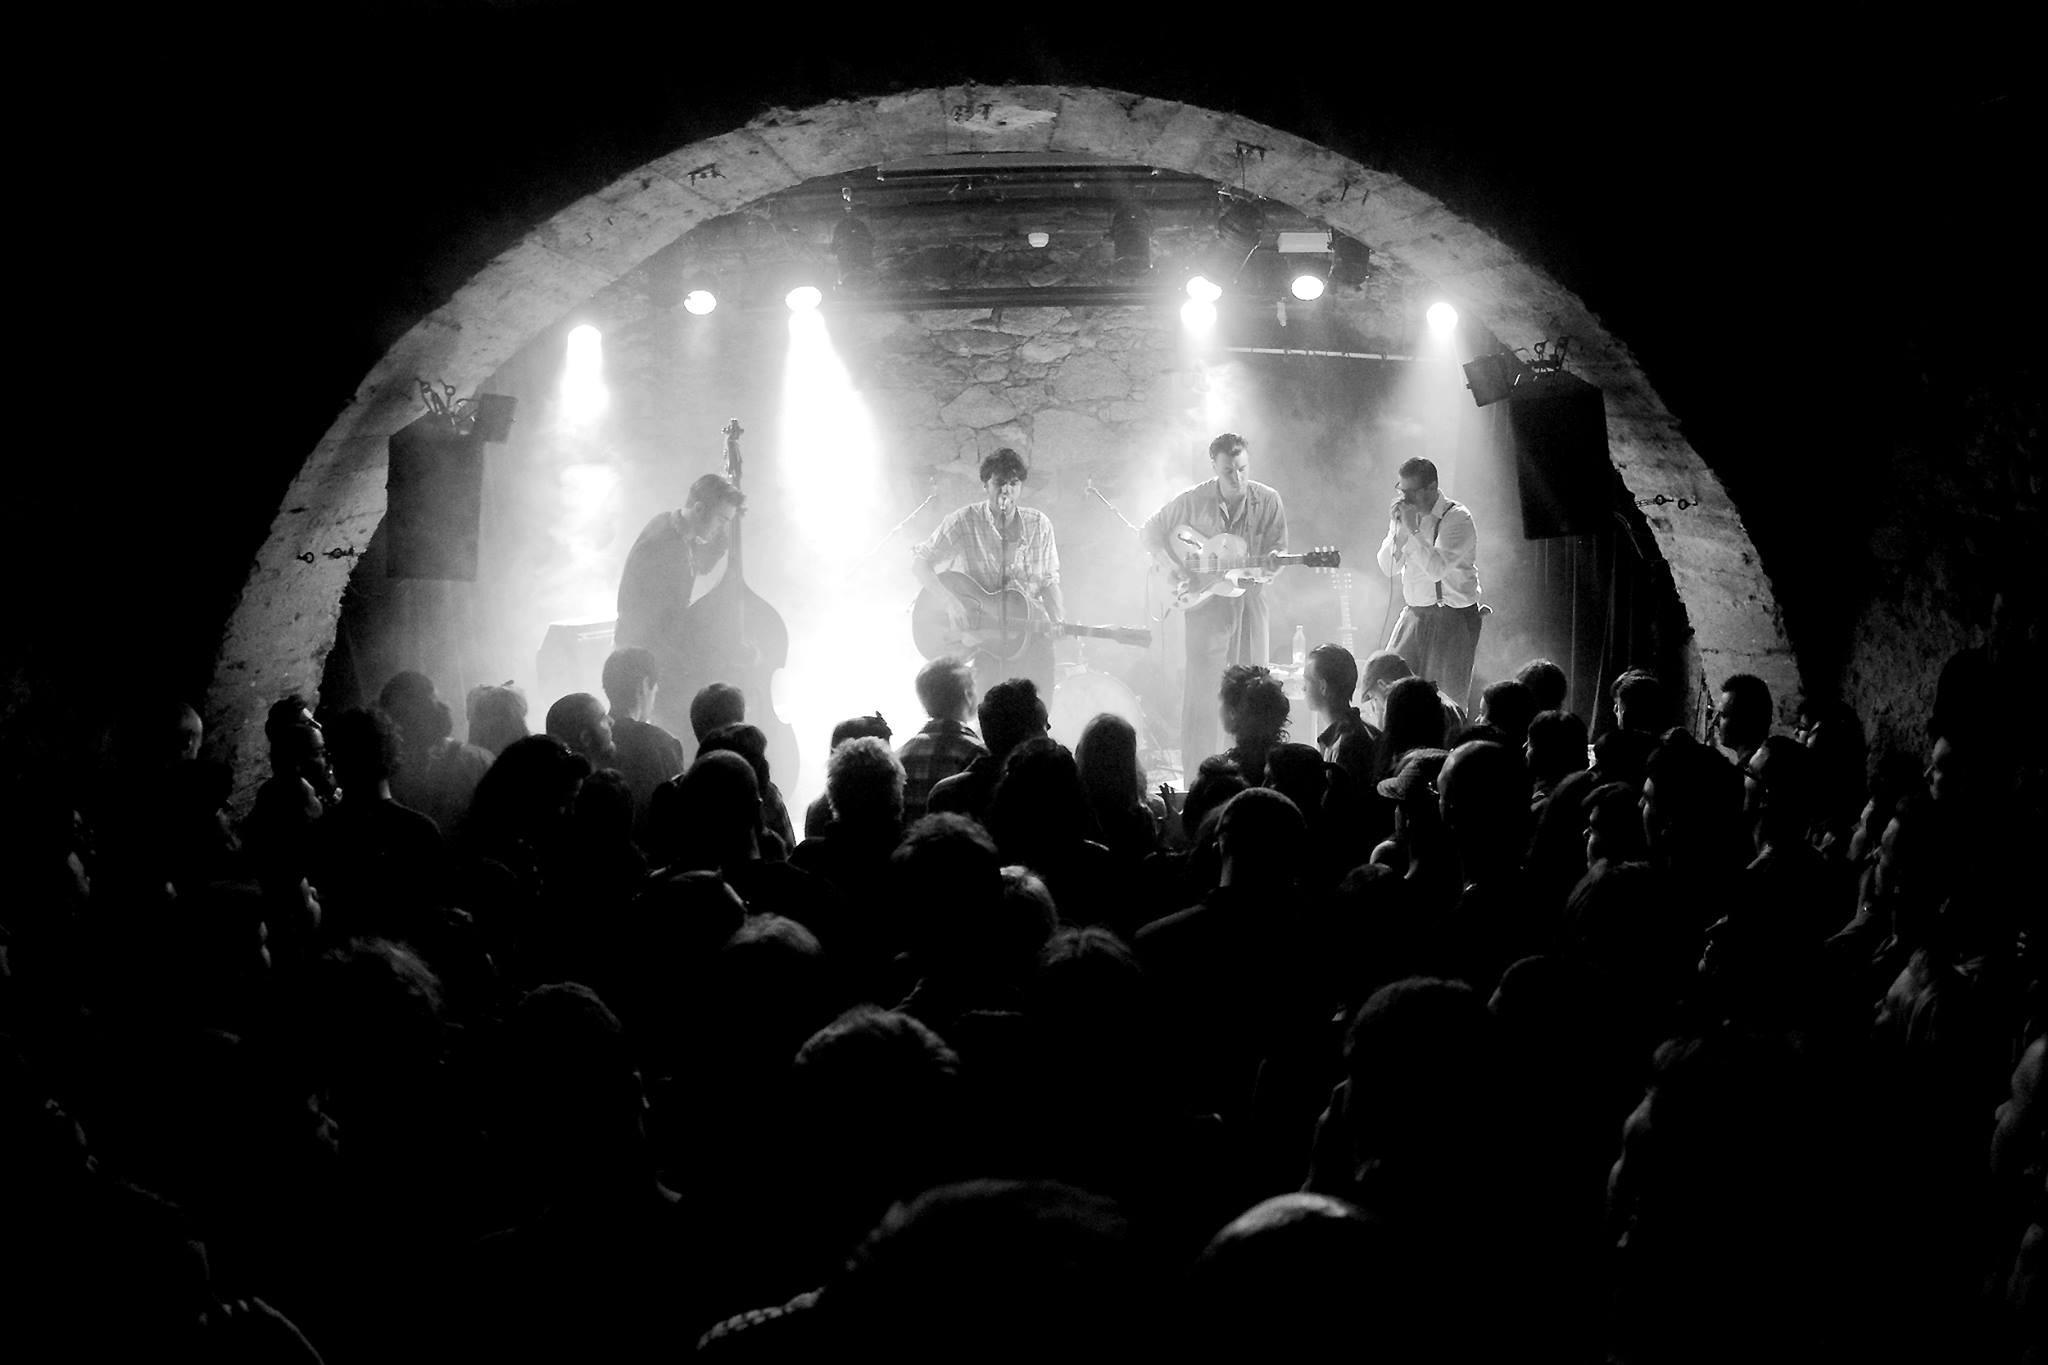 Les Caves Du Manoir les caves du manoir | linkedin